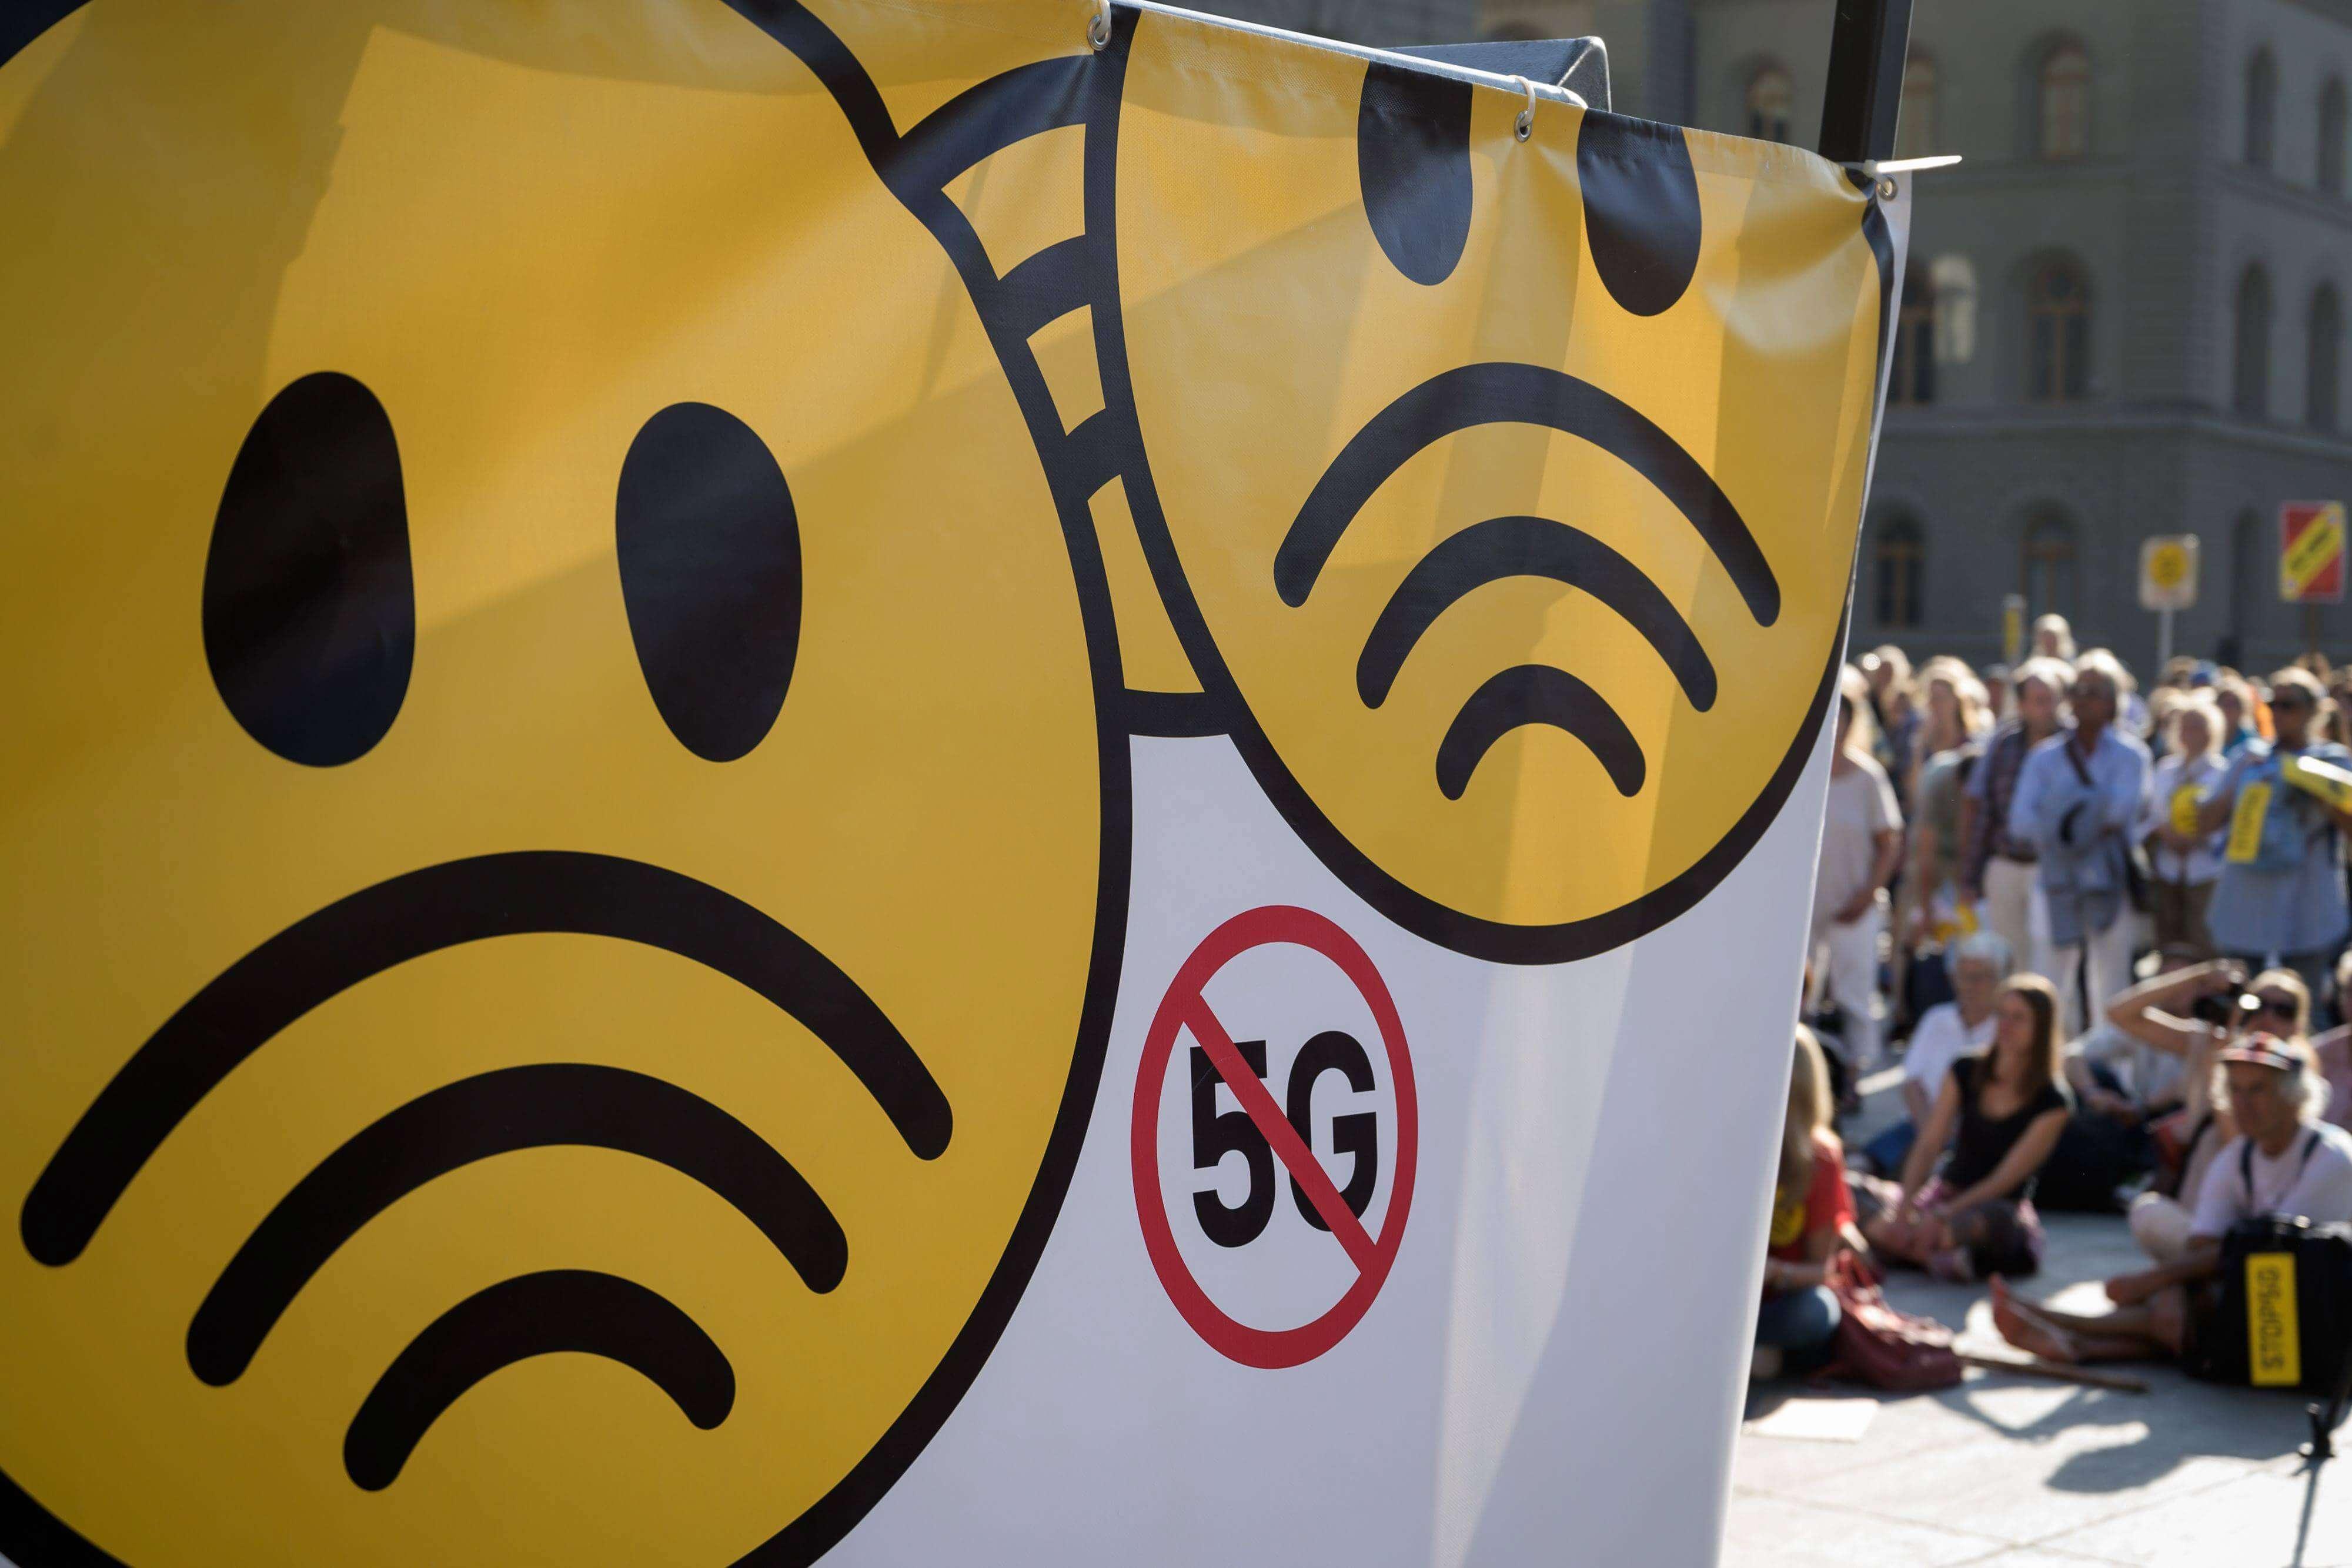 5G protest switz